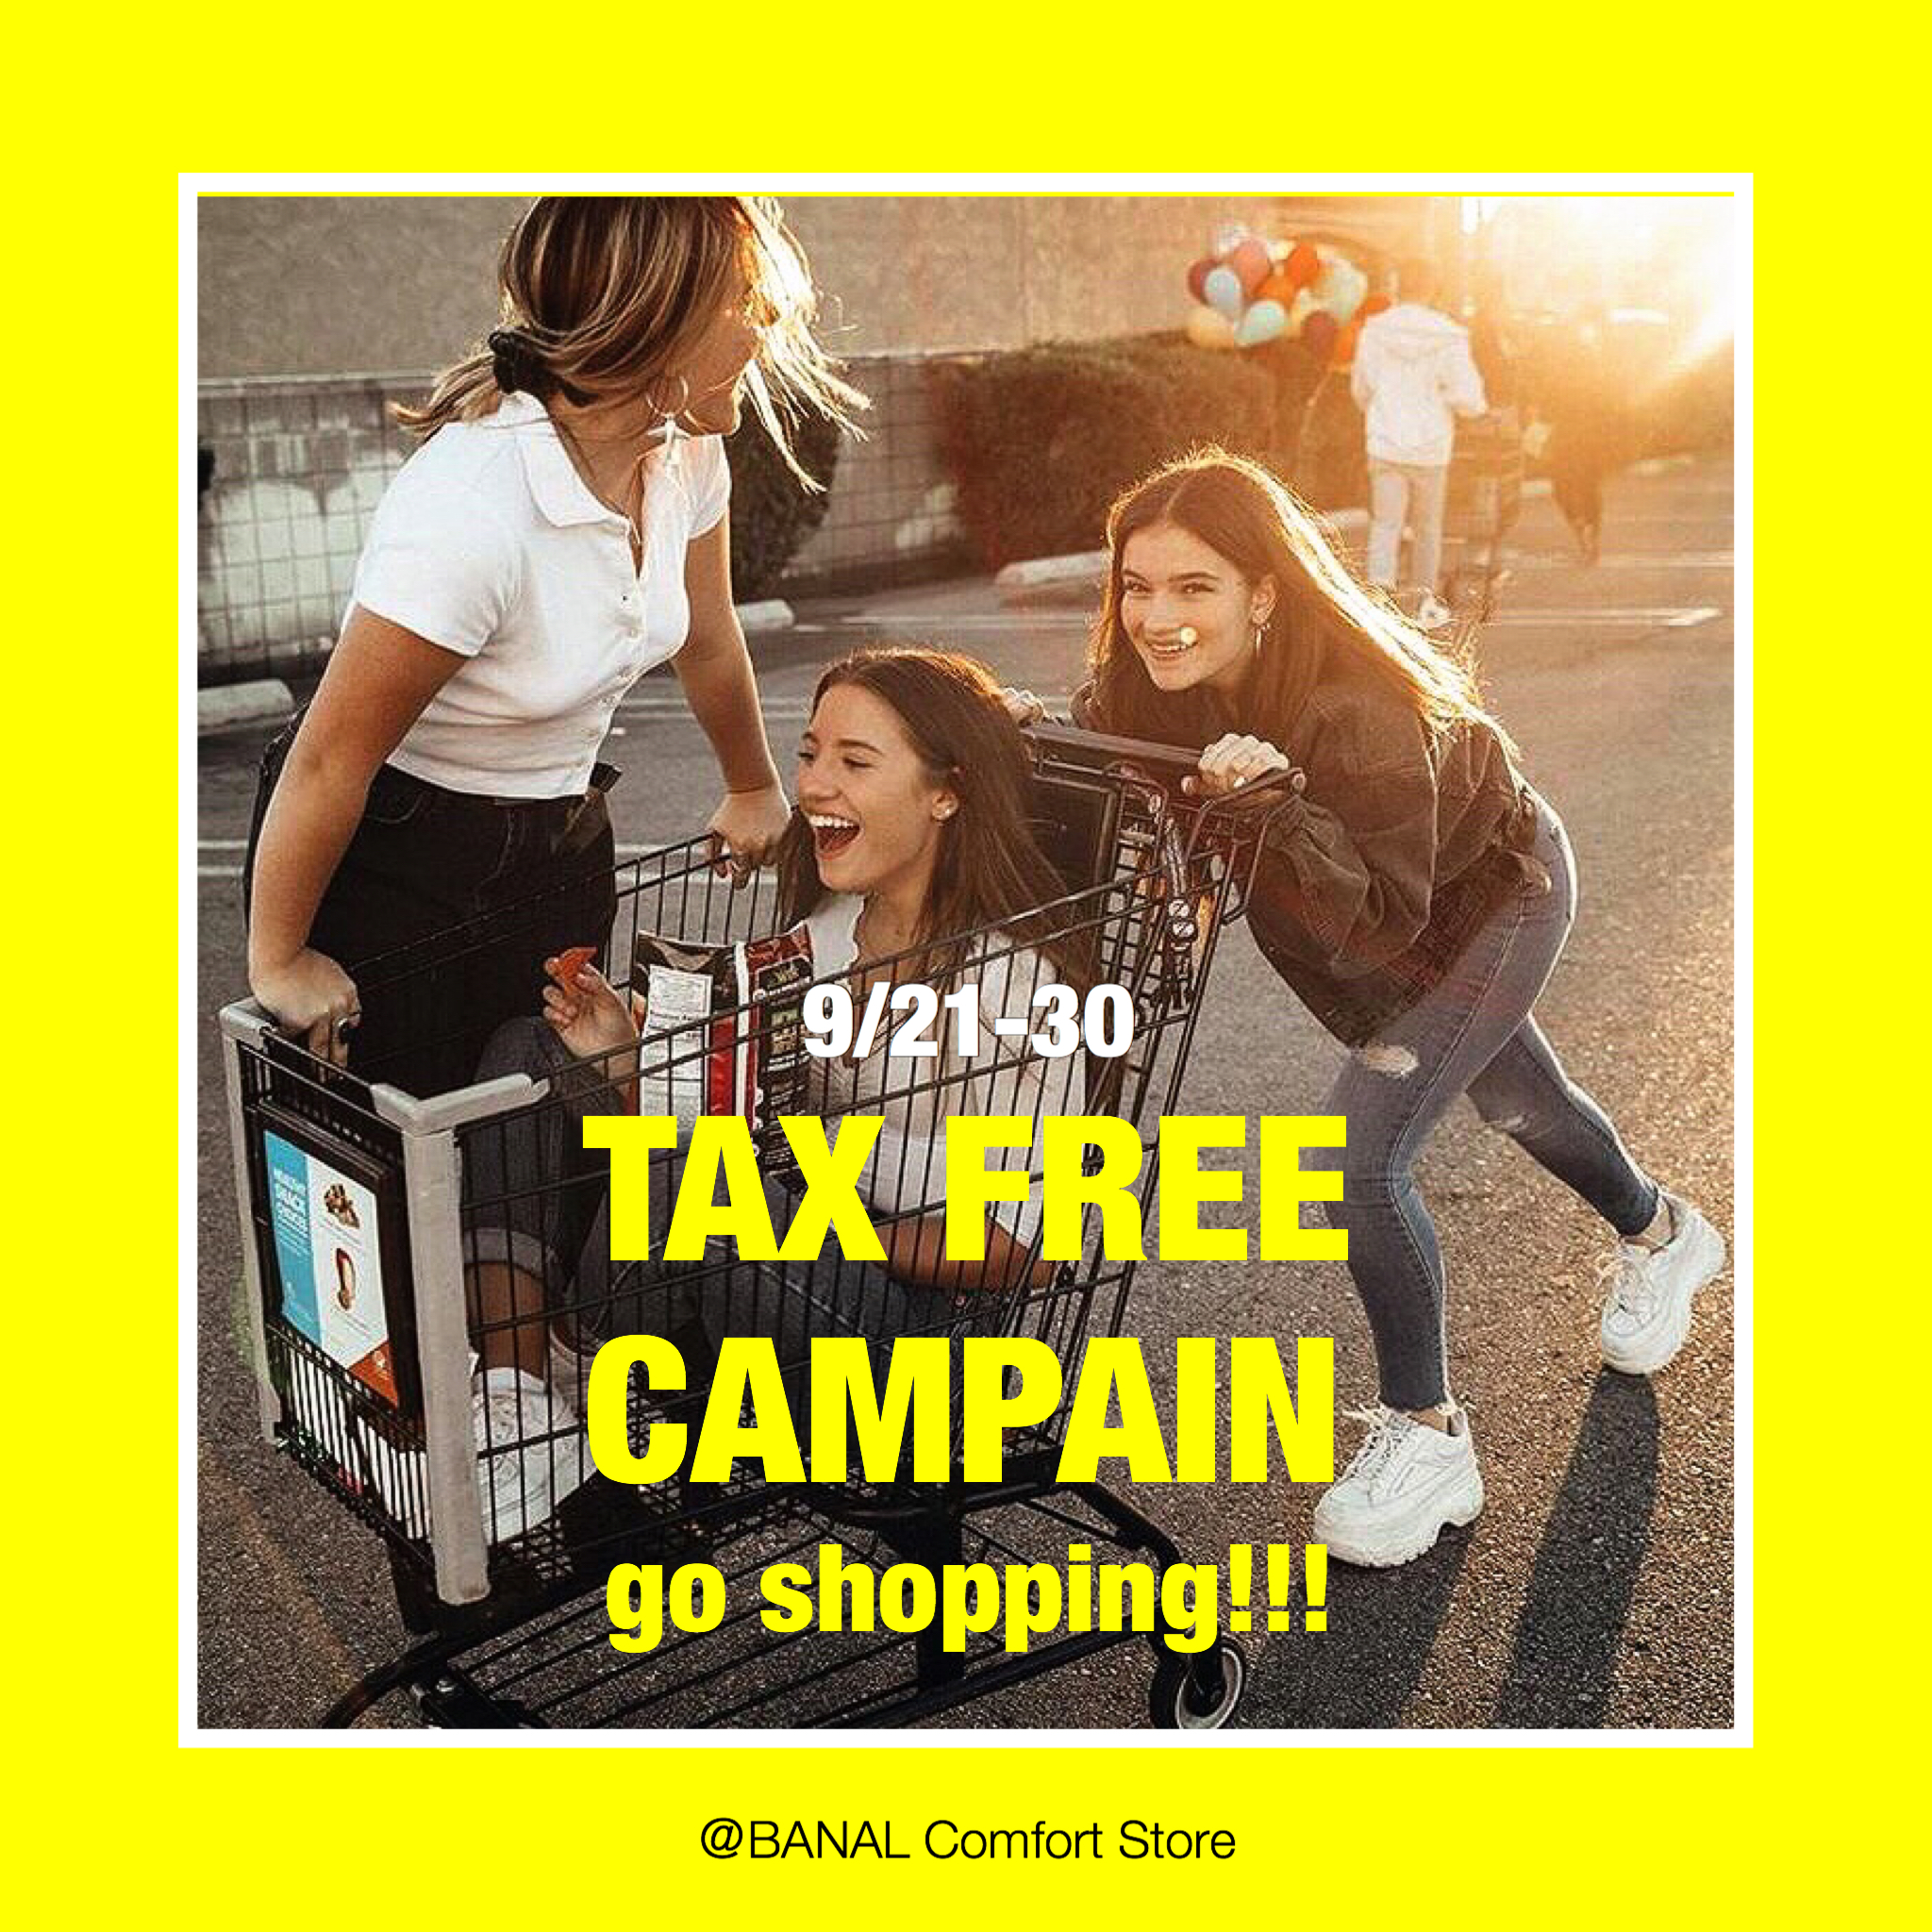 TAX FREE CAMPAIN